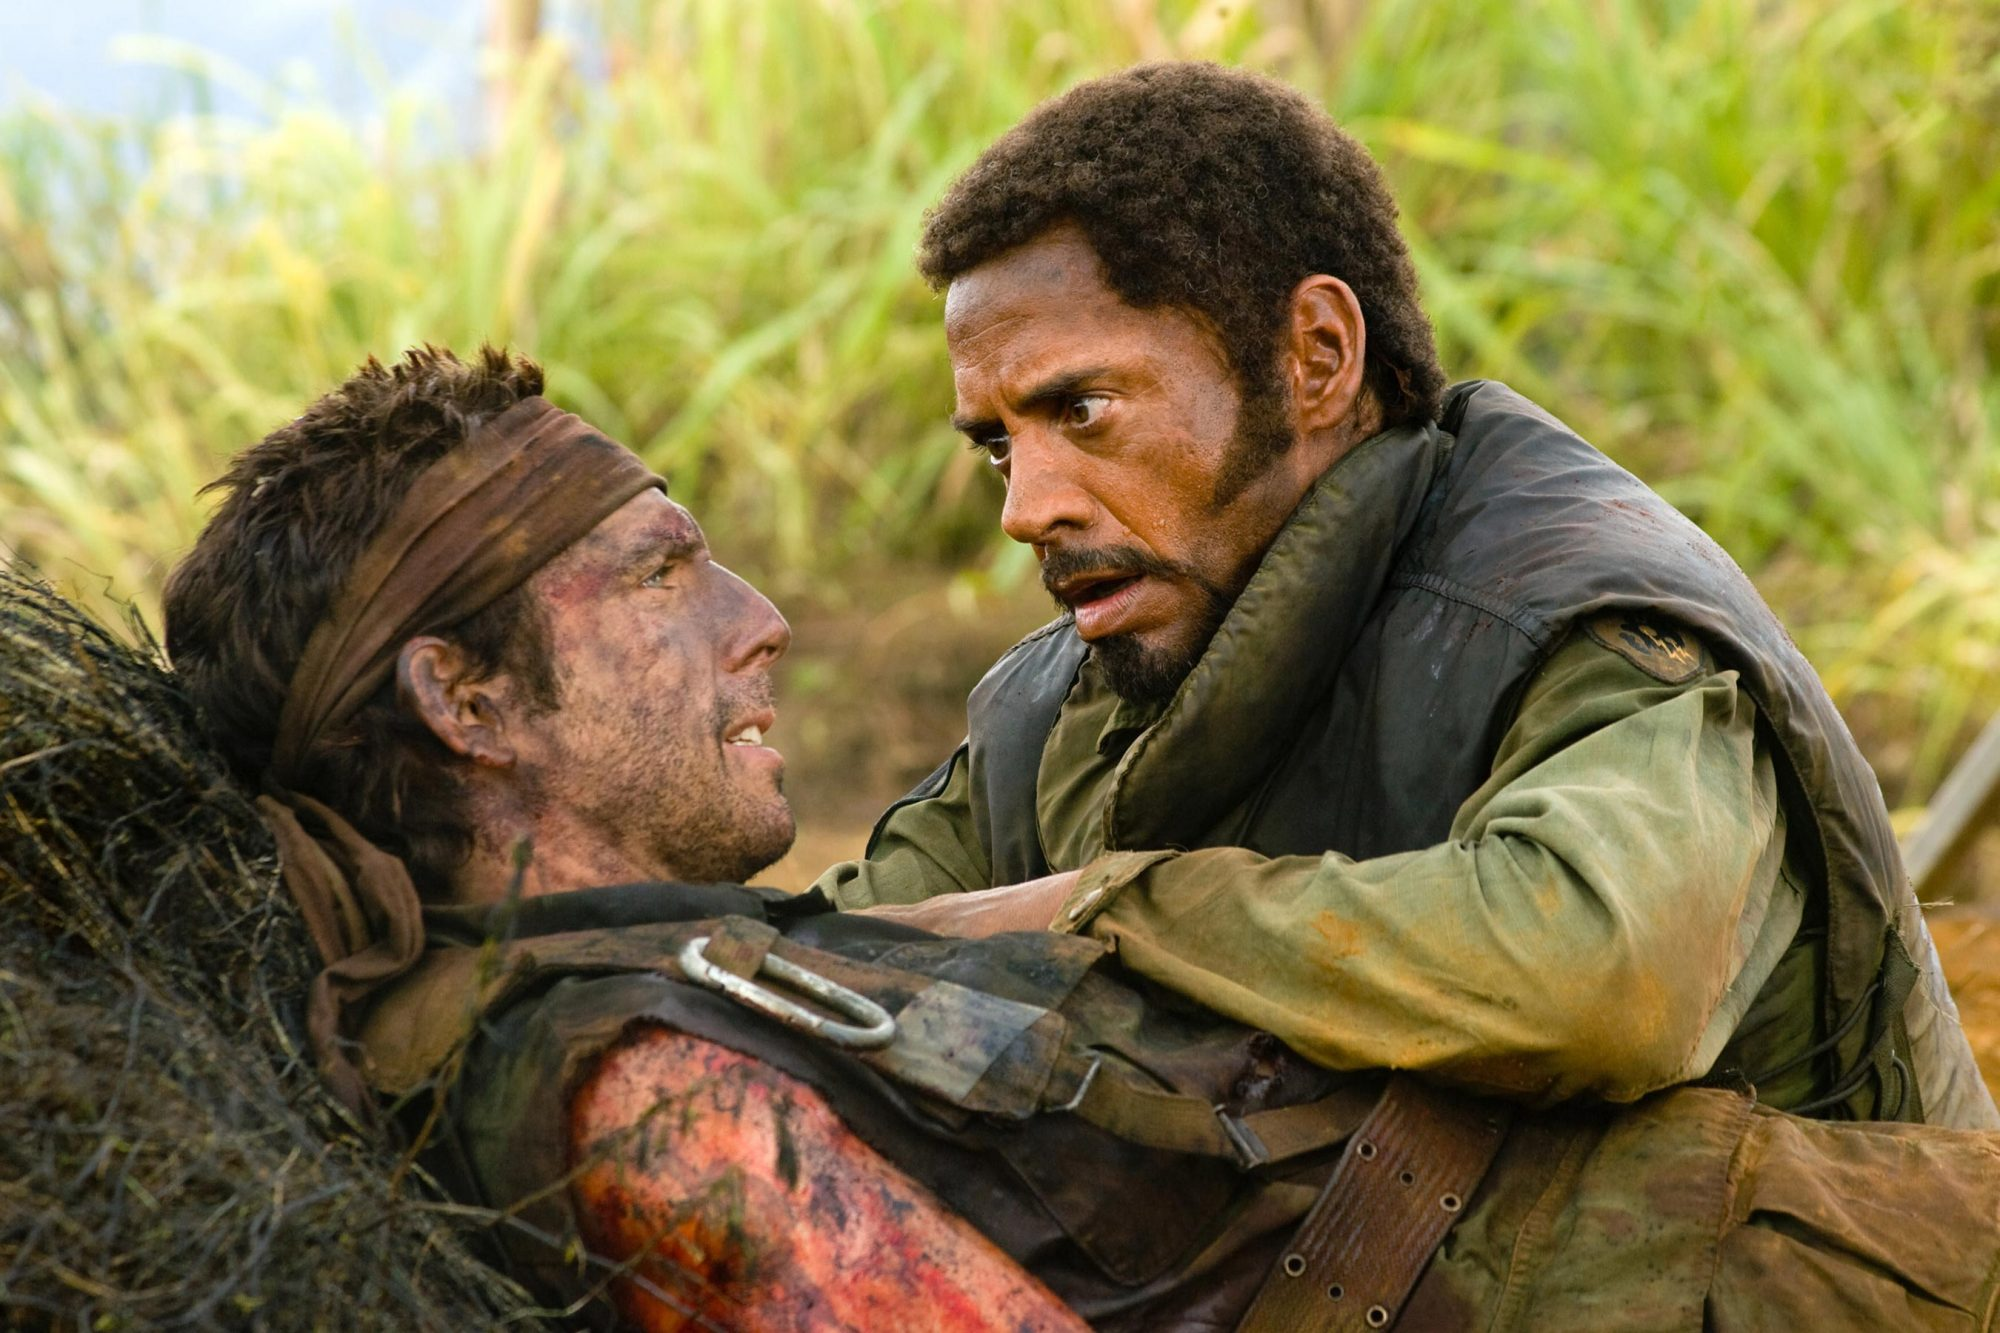 TROPIC THUNDER, from left: Ben Stiller, Robert Downey Jr., 2008. ©DreamWorks Distribution/Courtesy E